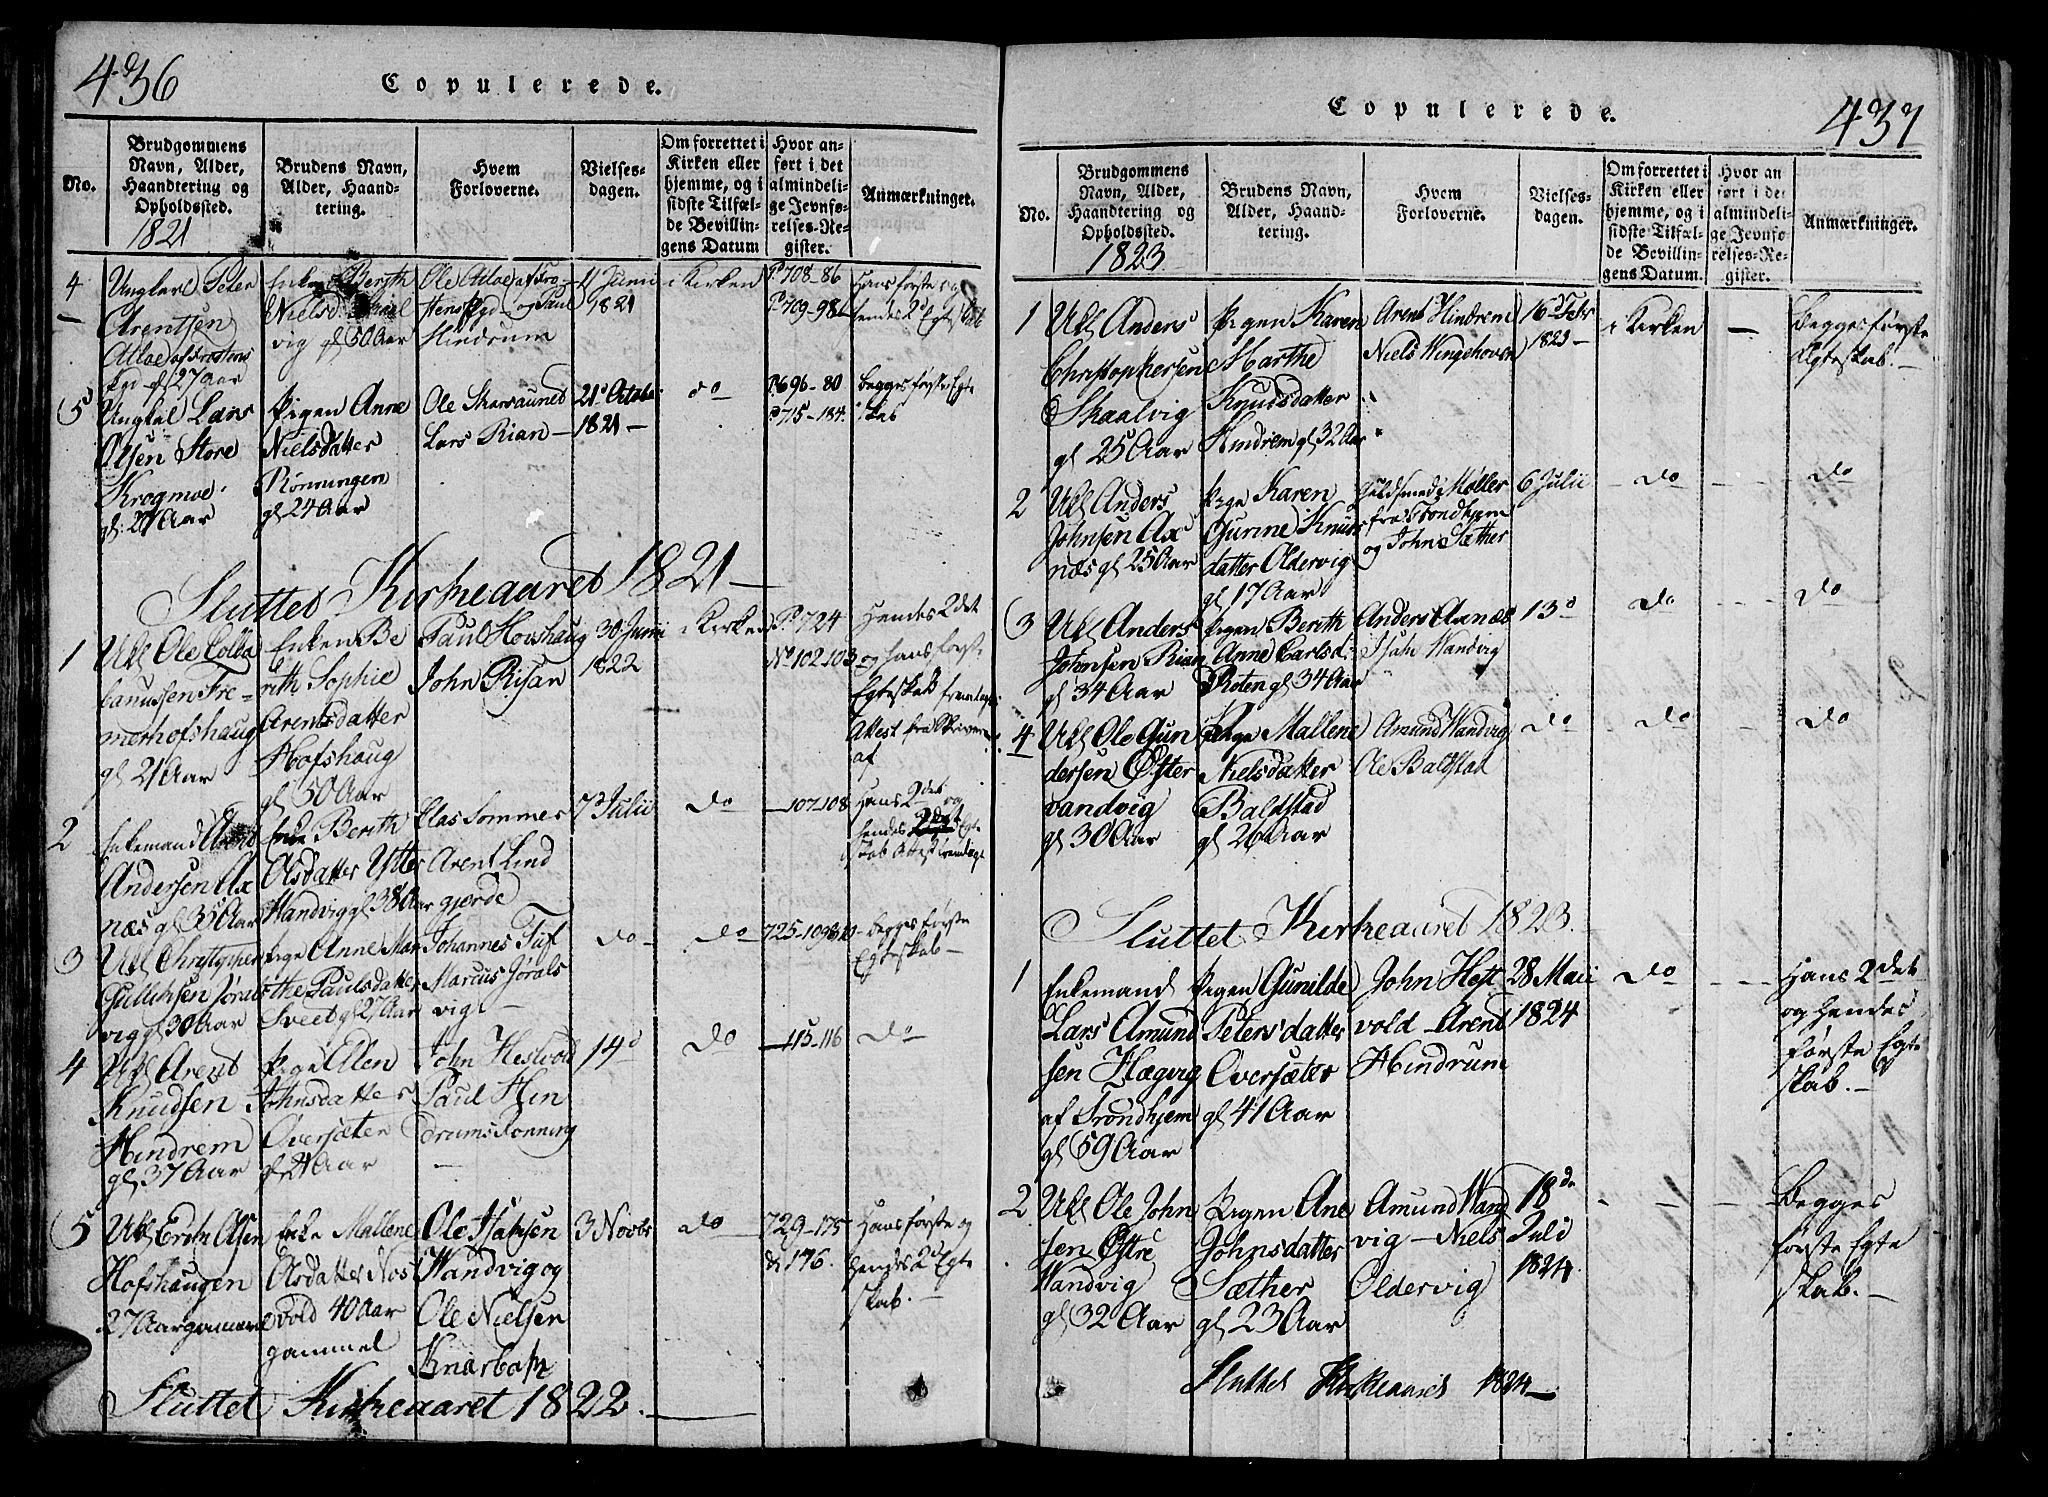 SAT, Ministerialprotokoller, klokkerbøker og fødselsregistre - Nord-Trøndelag, 701/L0005: Ministerialbok nr. 701A05 /2, 1816-1825, s. 436-437